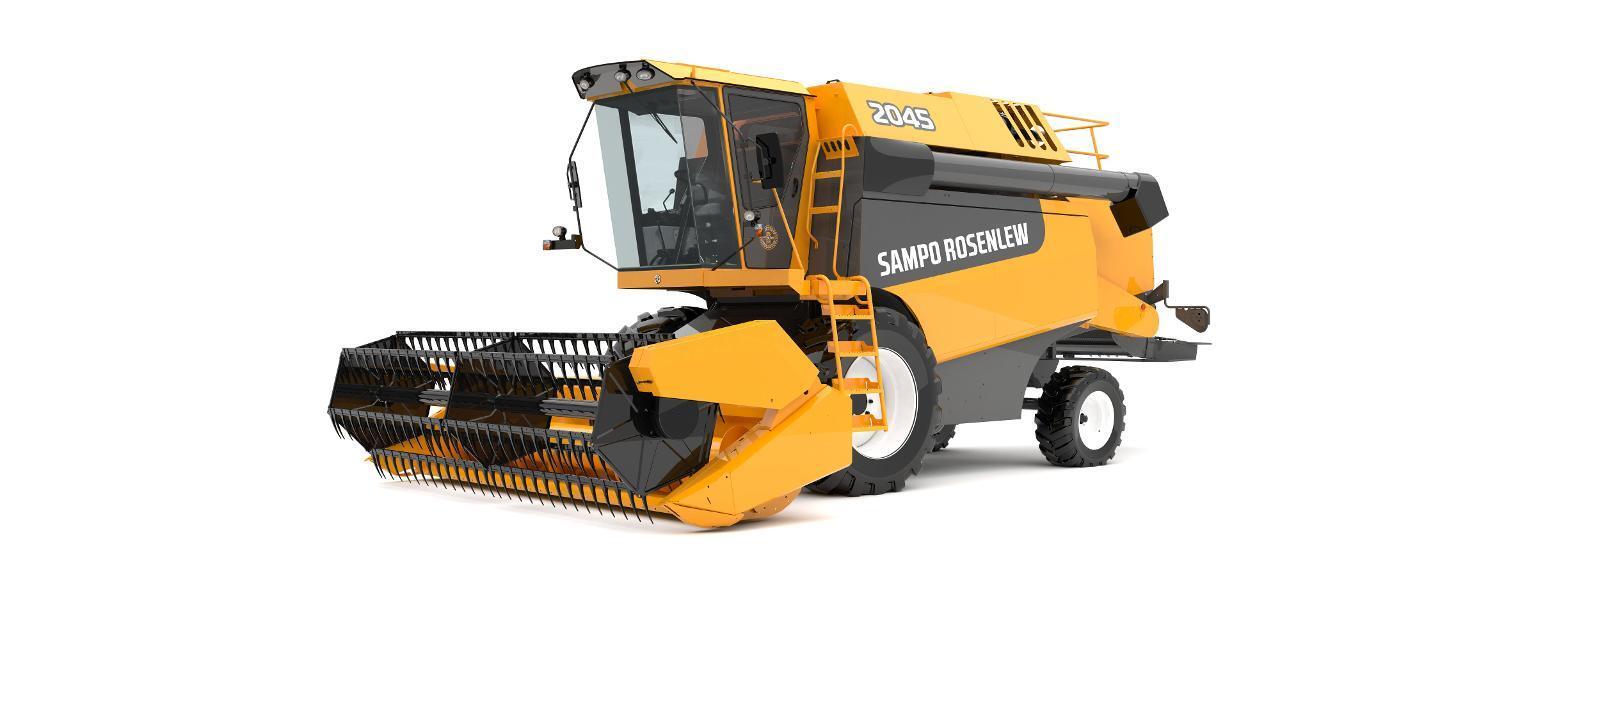 Sampo viderefører Classic med sikkerhetsdetaljer og en motor som greier utslippskravene